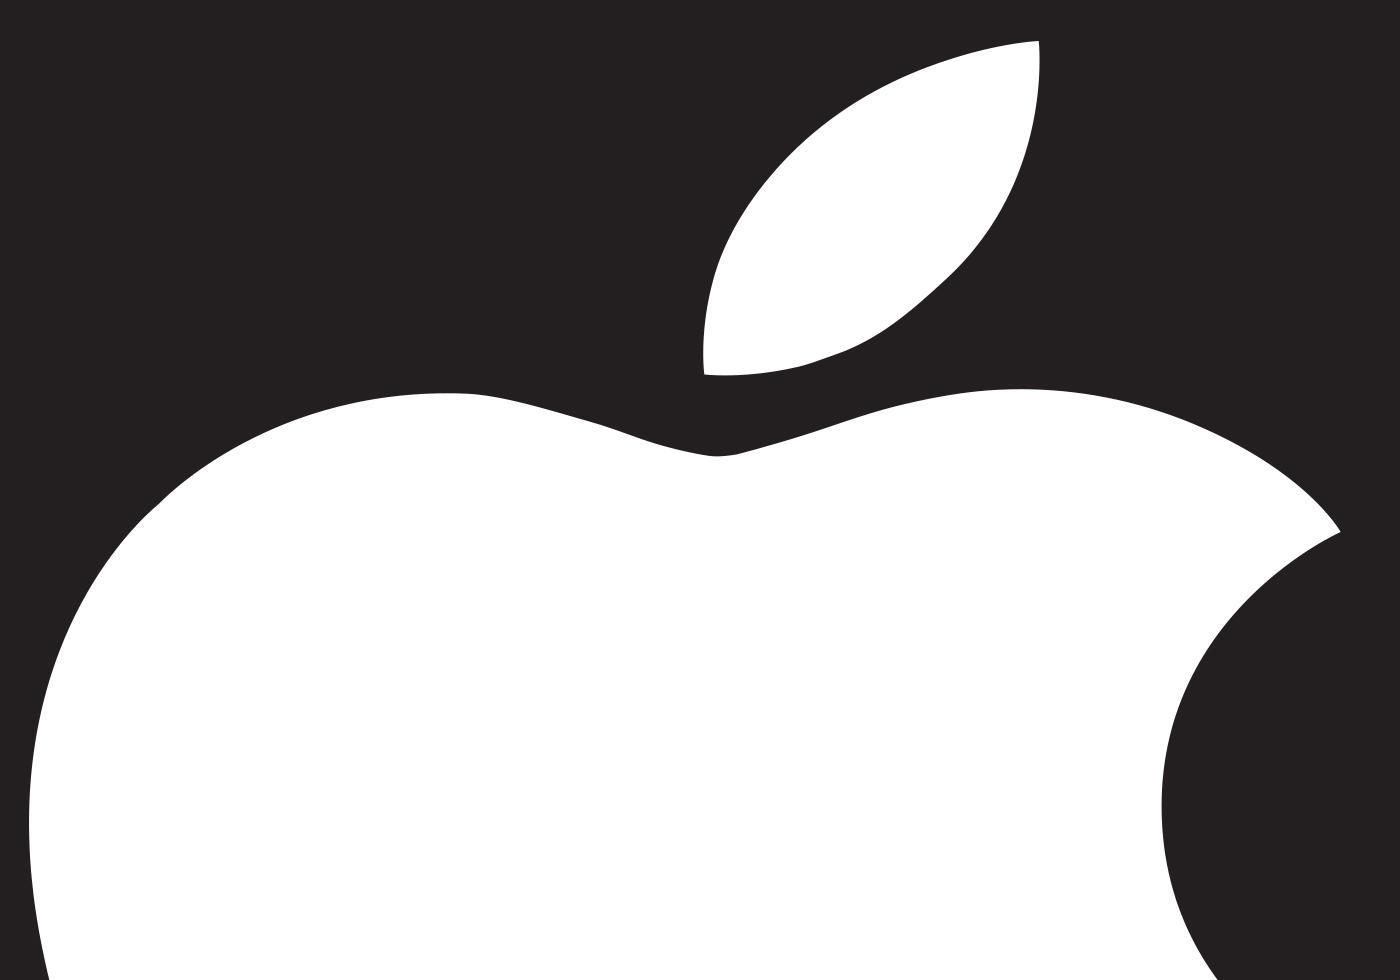 apple logo - free photoshop brushes at brusheezy!